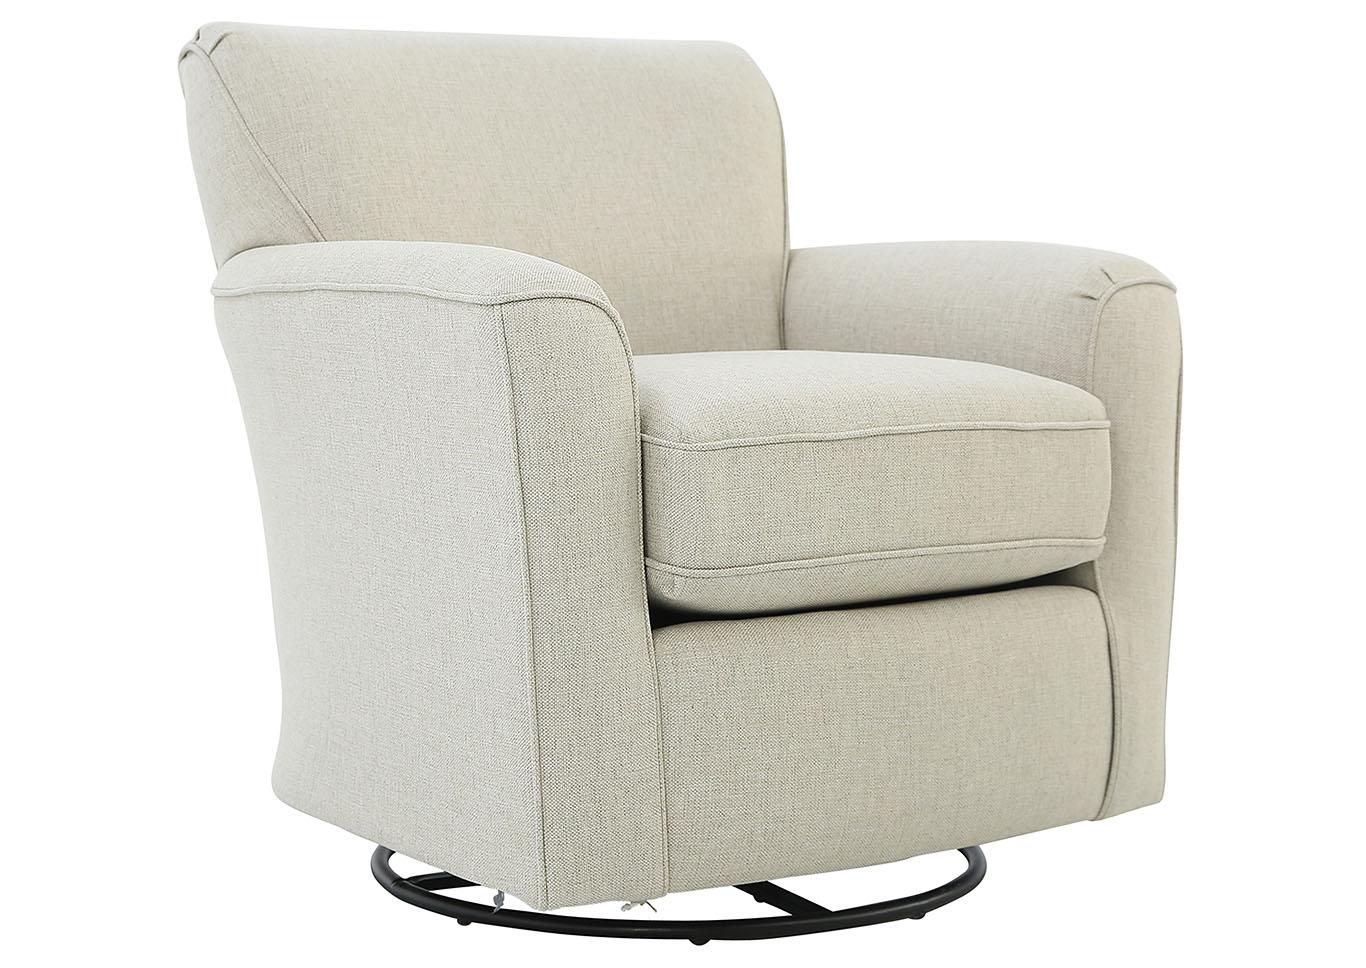 Fine Ivan Smith Kaylee Machost Co Dining Chair Design Ideas Machostcouk